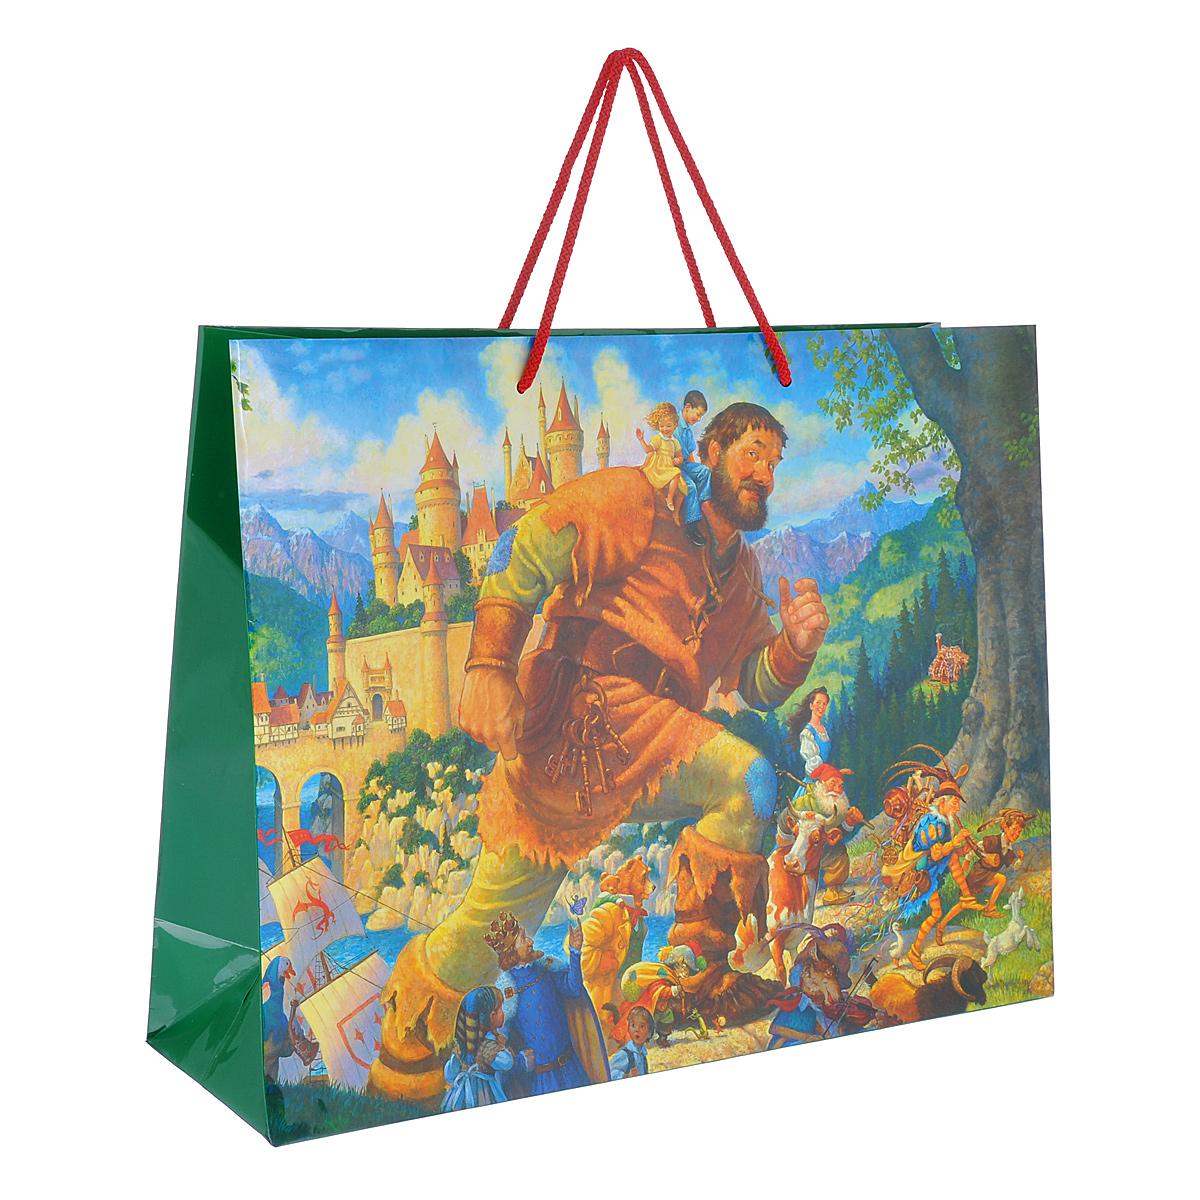 Пакет подарочный Счастливы навек, 45 см х 35 см х 14 см4610009210346Подарочный пакет Счастливы навек выполнен из плотной ламинированной бумаги, оформленной изображением сказочной страны с великанами, принцессами и гномами. Идеально подходит для подарков детям. Дно изделия укреплено плотным картоном, который позволяет сохранить форму пакета и исключает возможность деформации под тяжестью подарка. Для удобной переноски на пакете имеются ручки-шнурки.Подарок, преподнесенный в оригинальной упаковке, всегда будет самым эффектным и запоминающимся. Окружите близких людей вниманием и заботой, вручив презент в нарядном, праздничном оформлении.